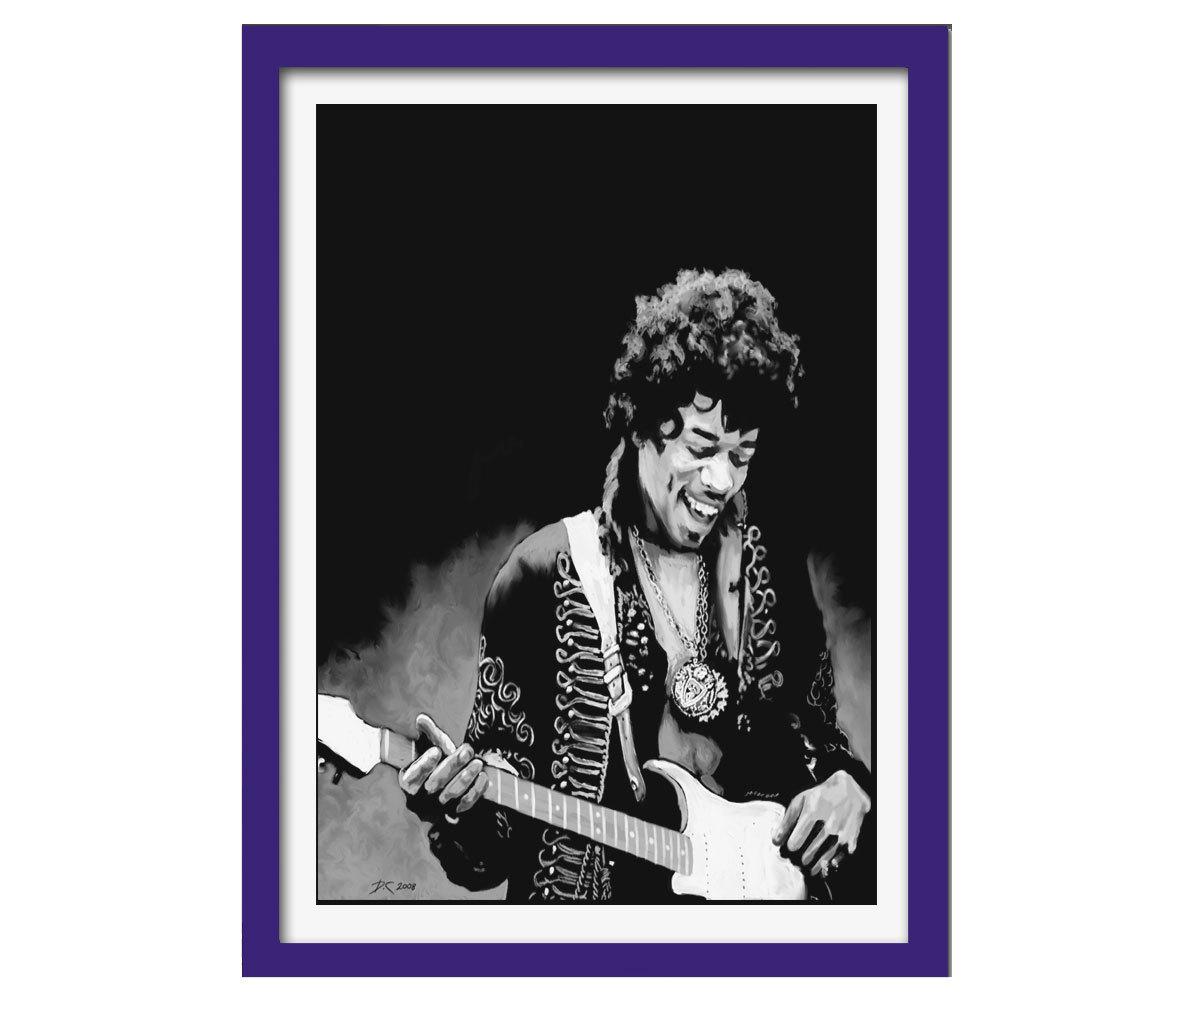 Quadro Jimi Hendrix mdf 33x25 moldura azul